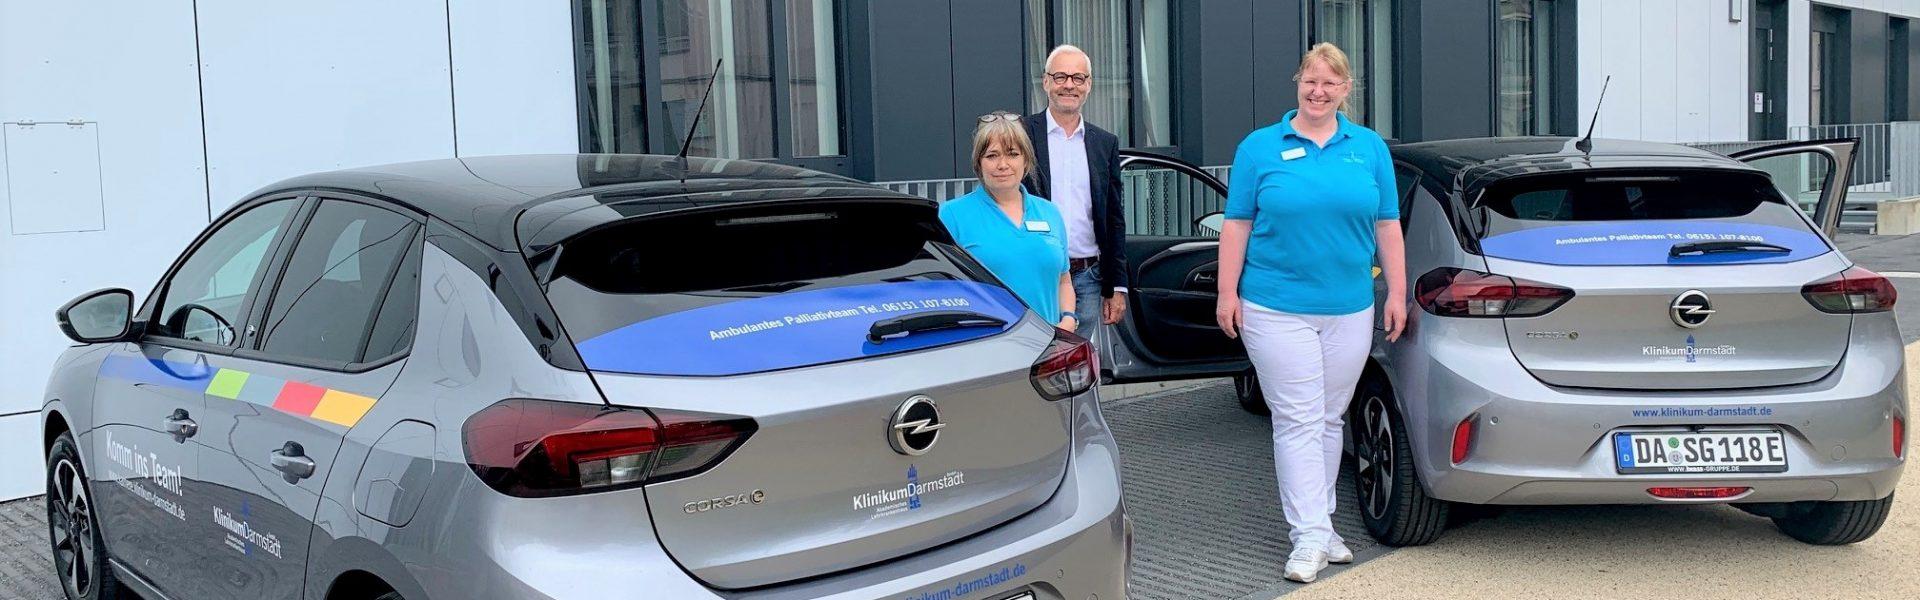 Header Bild Klinikum Darmstadt setzt mit E-Autos auf Nachhaltigkeit und Klimaschutz